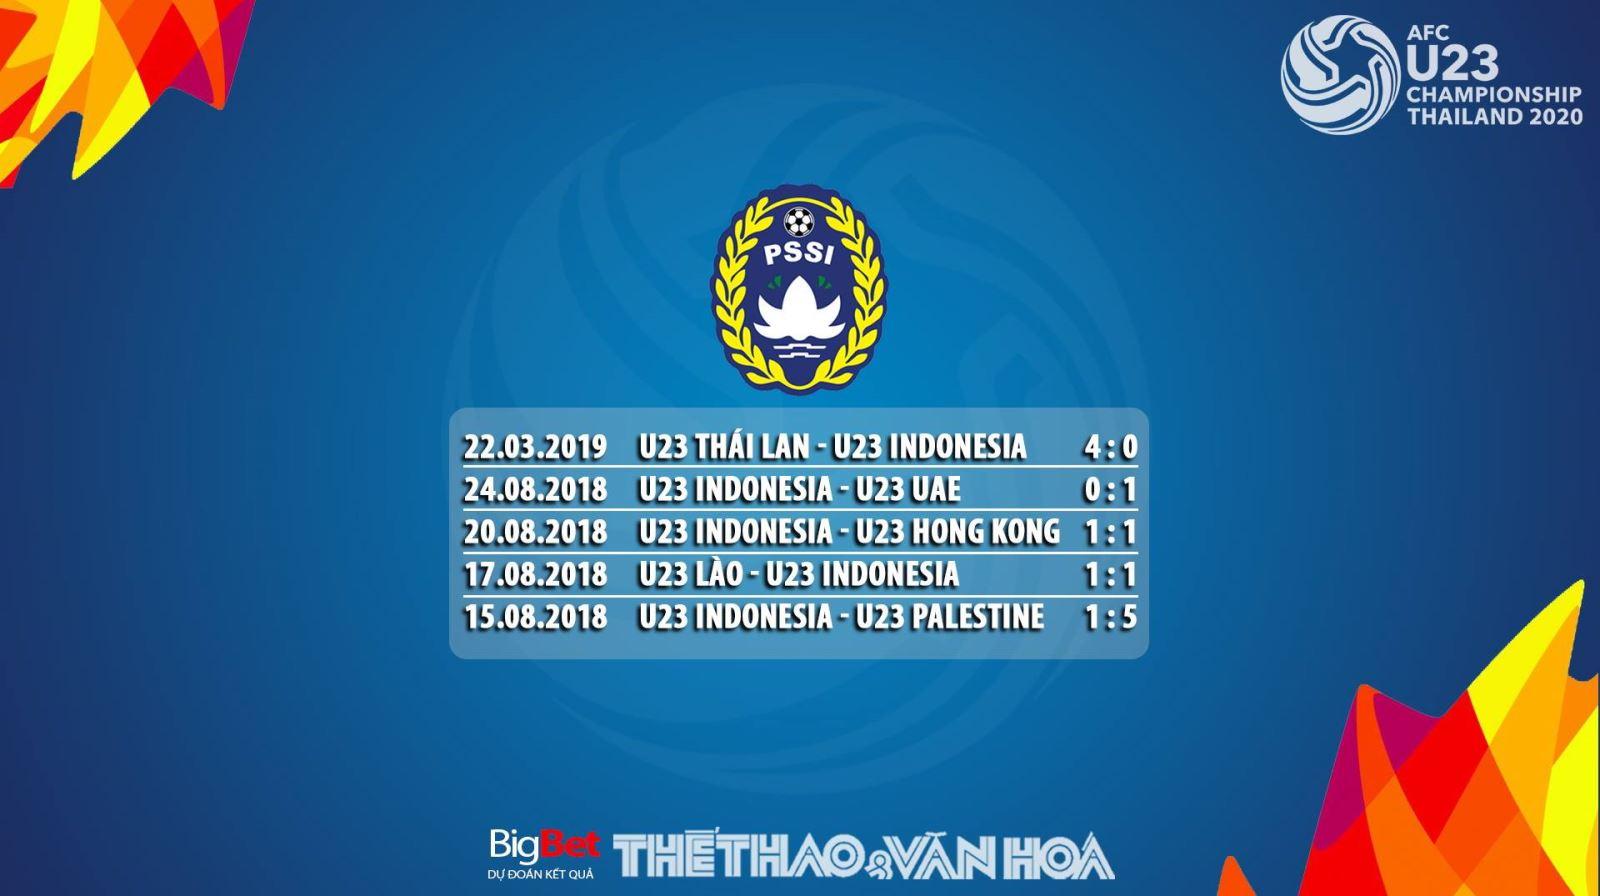 U23 Việt Nam, lịch thi đấu vòng loại U23 châu Á, VTC3, VTV6, Việt Nam vs Indonesia, truc tiep bong da, trực tiếp bóng đá hôm nay, bong da truc tuyen, VTV5, VTC1, VOV